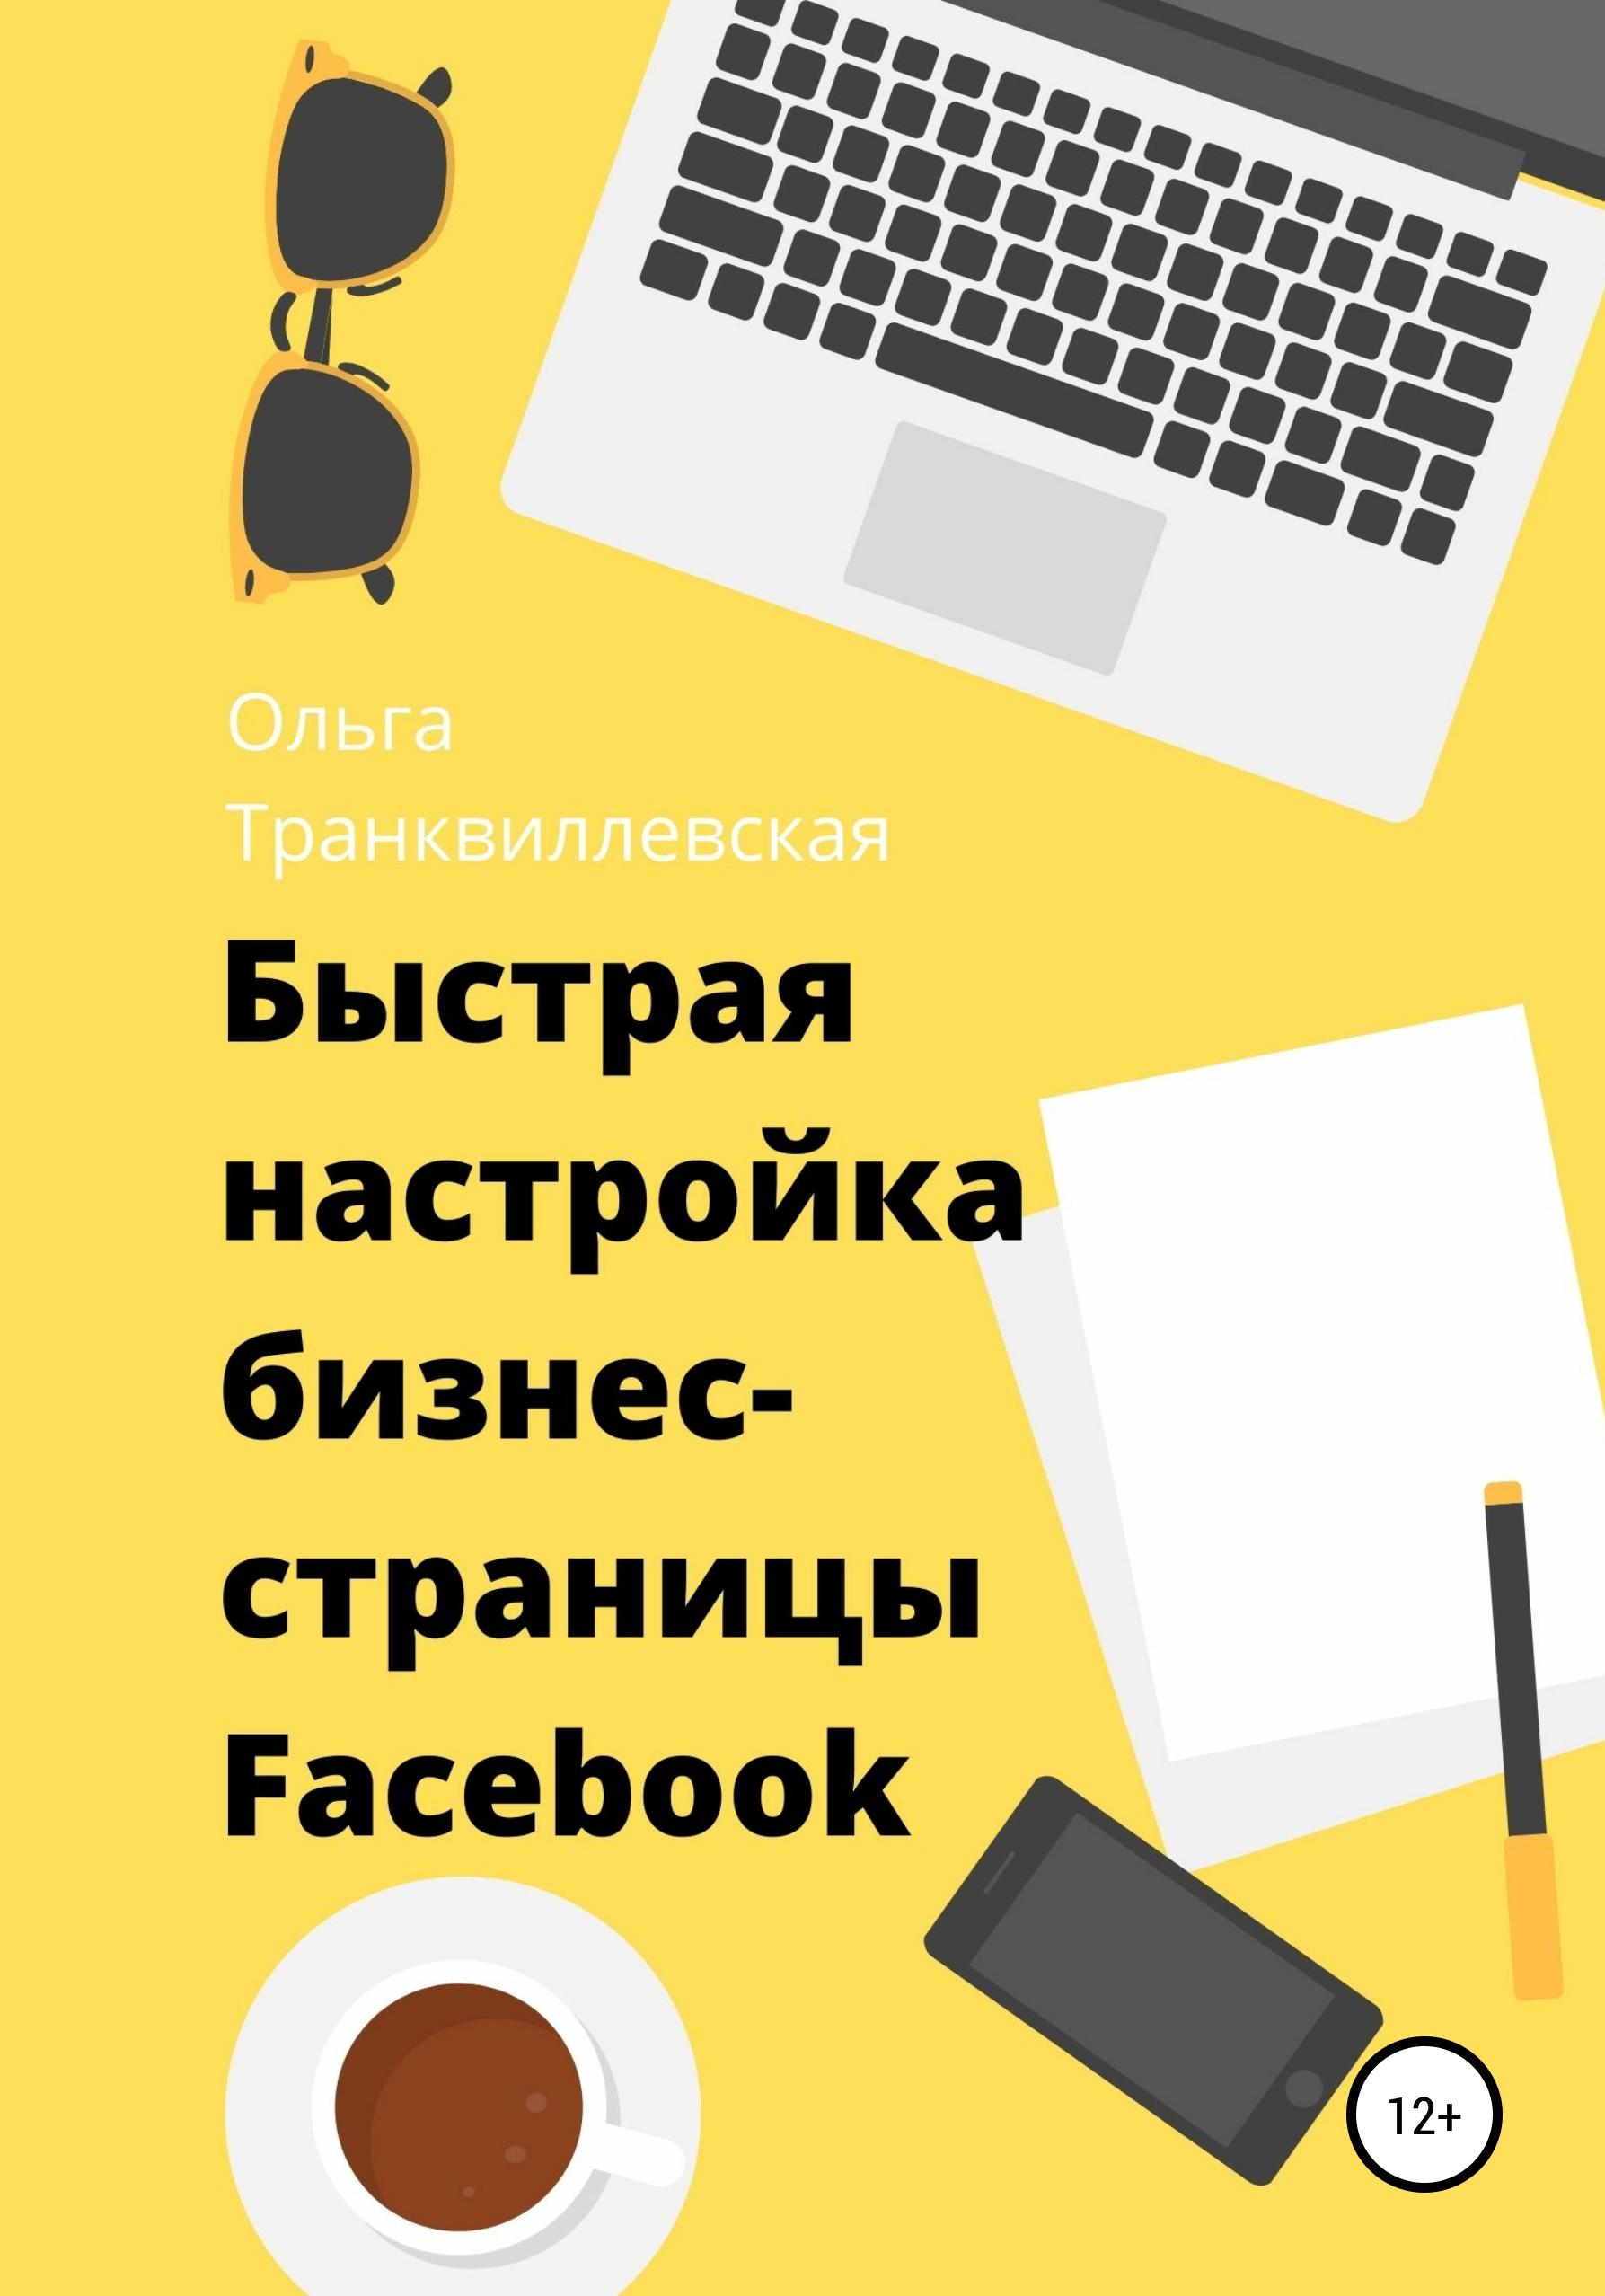 Быстрая настройка бизнес-страницы на Фейсбук